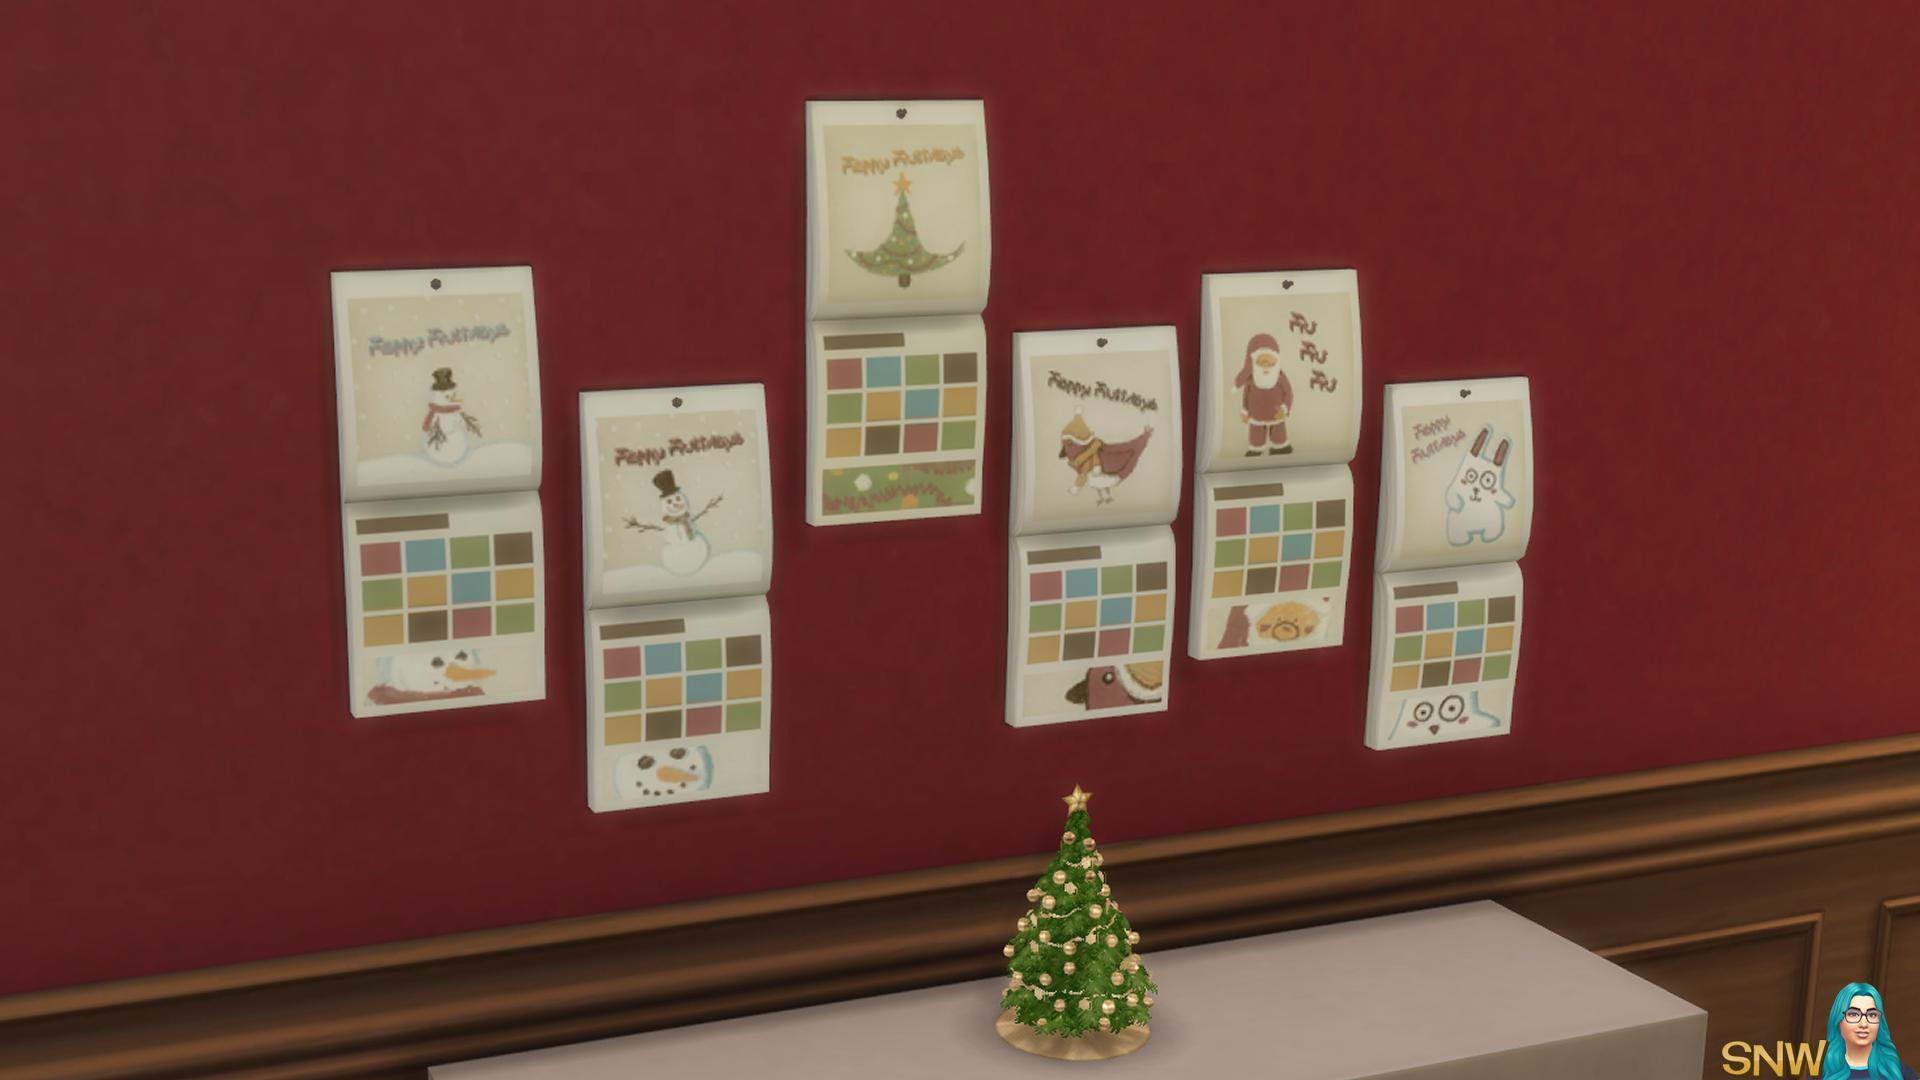 Christmas Calendar 2015 Snw Simsnetwork Com